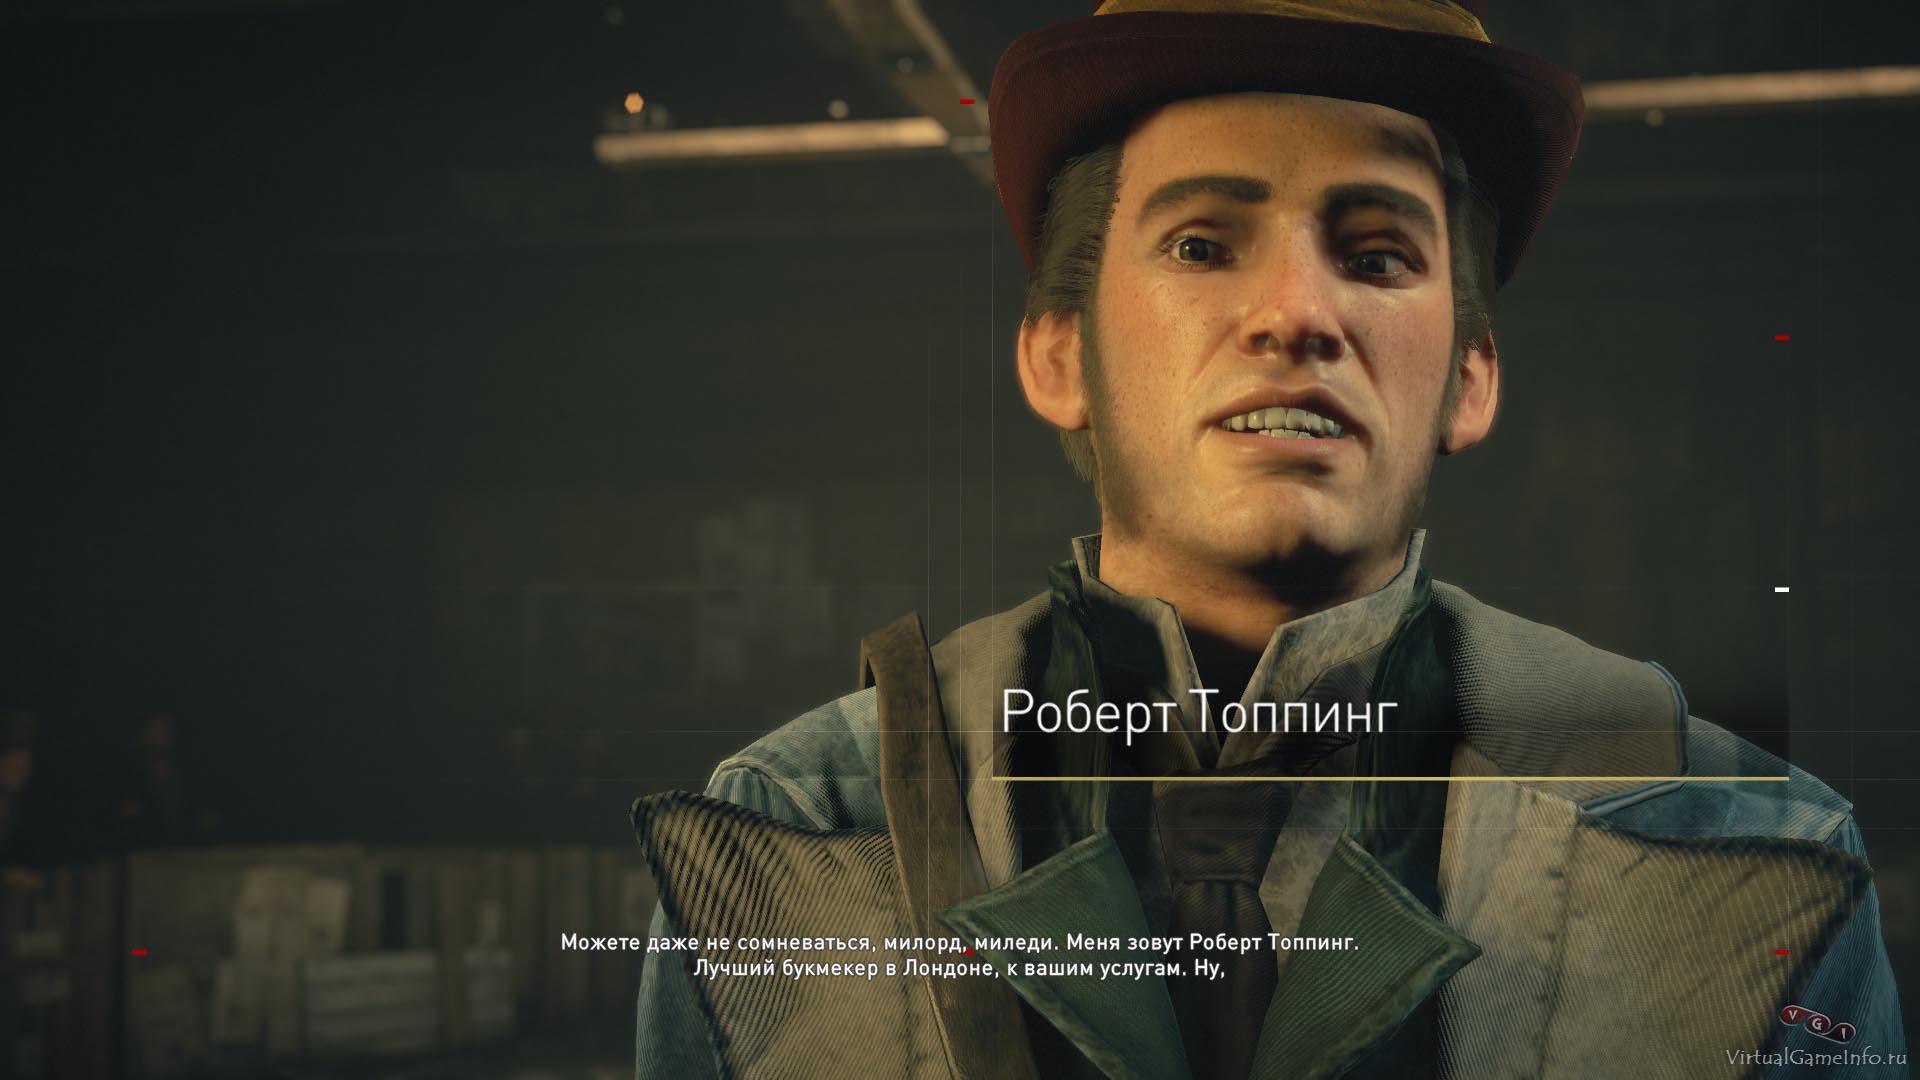 Знакомство с Робертом Топпингом